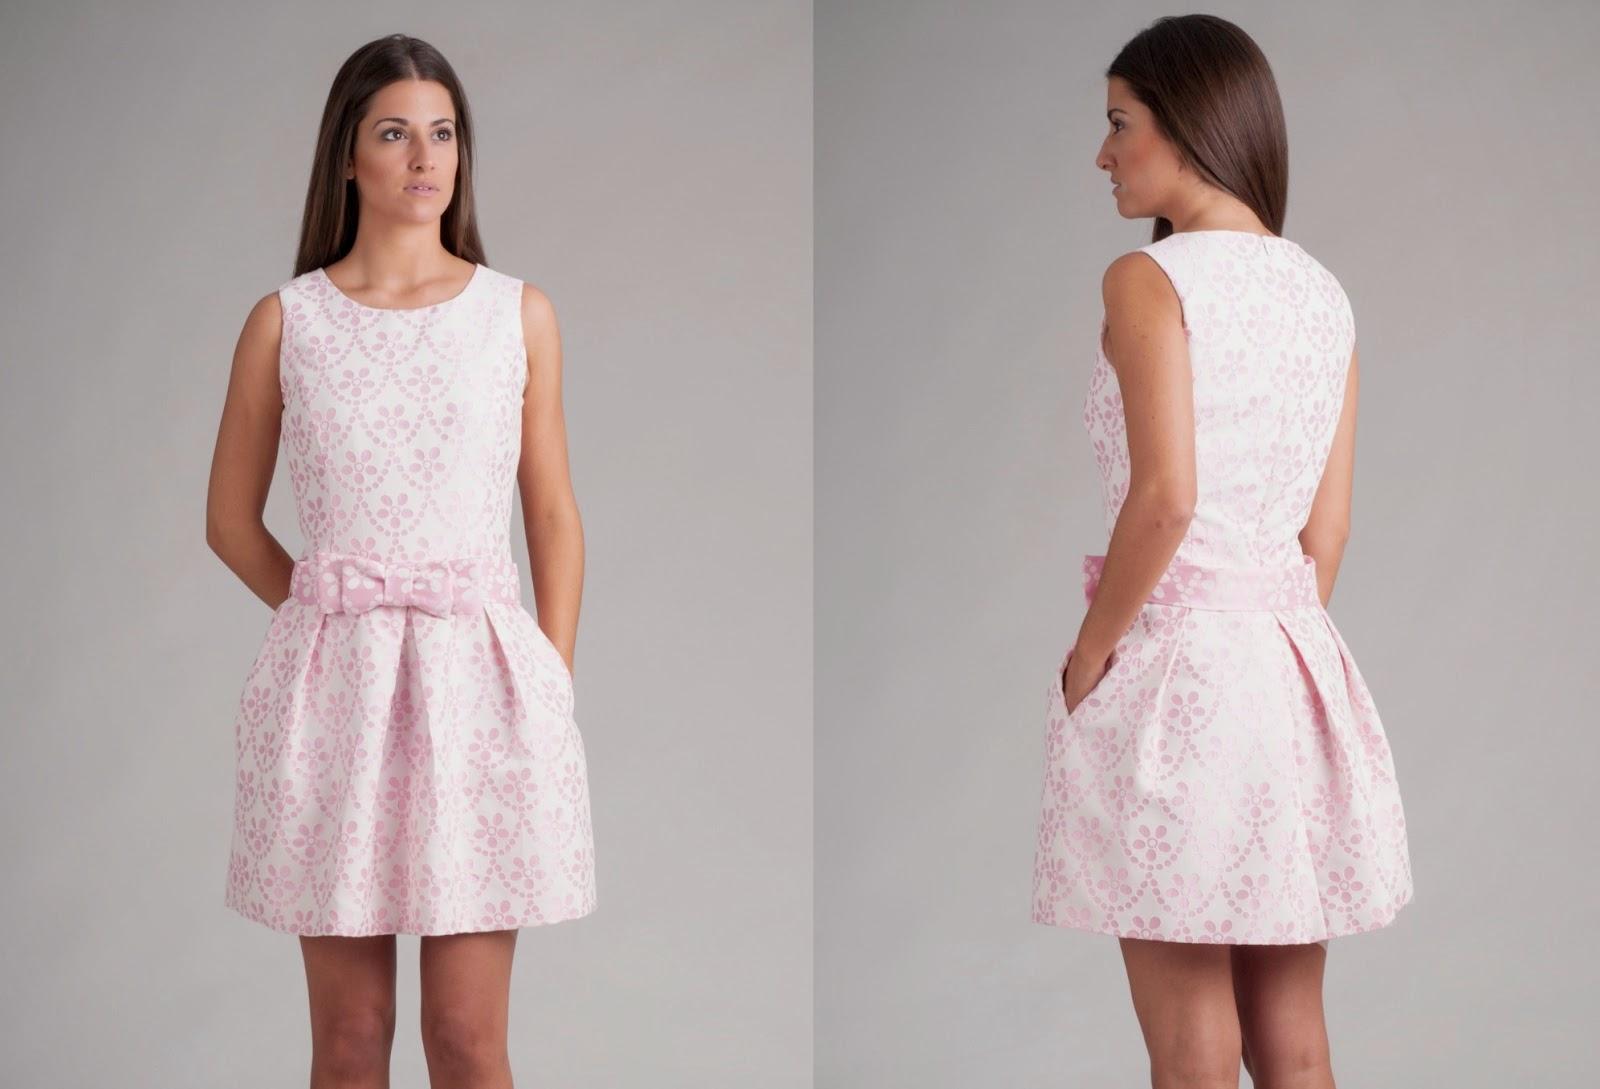 Vestido de algodón en color rosa, cuerpo entallado y falda de vuelo - Blancaspina